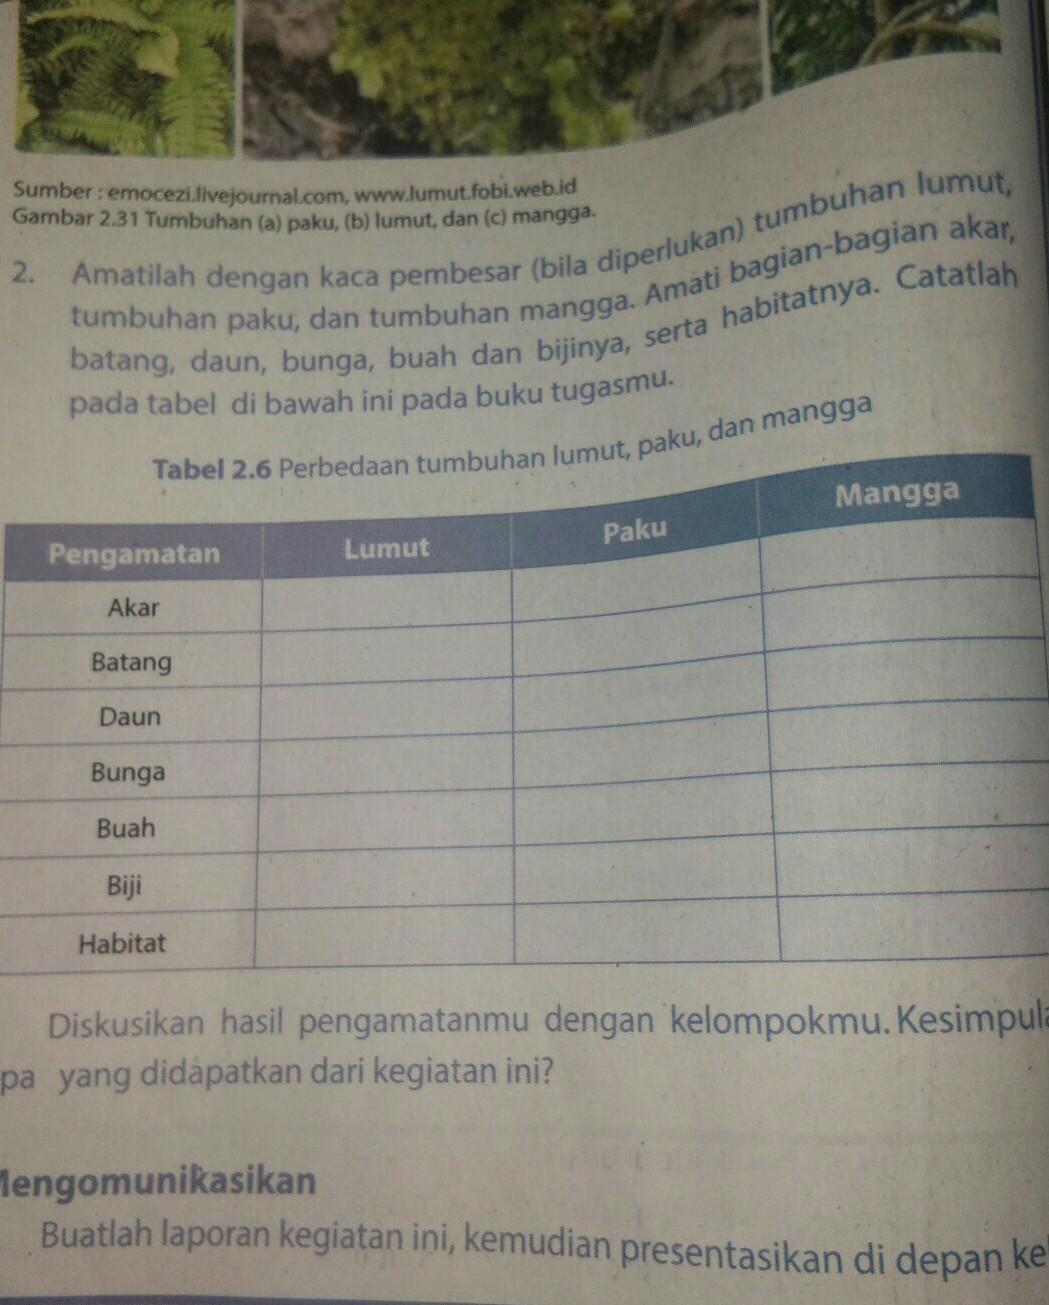 Tabel 2.6 Perbedaan Tumbuhan Lumut Paku Dan Mangga : tabel, perbedaan, tumbuhan, lumut, mangga, Perbedaan, Tumbuhan, Lumut, Mangga, Python